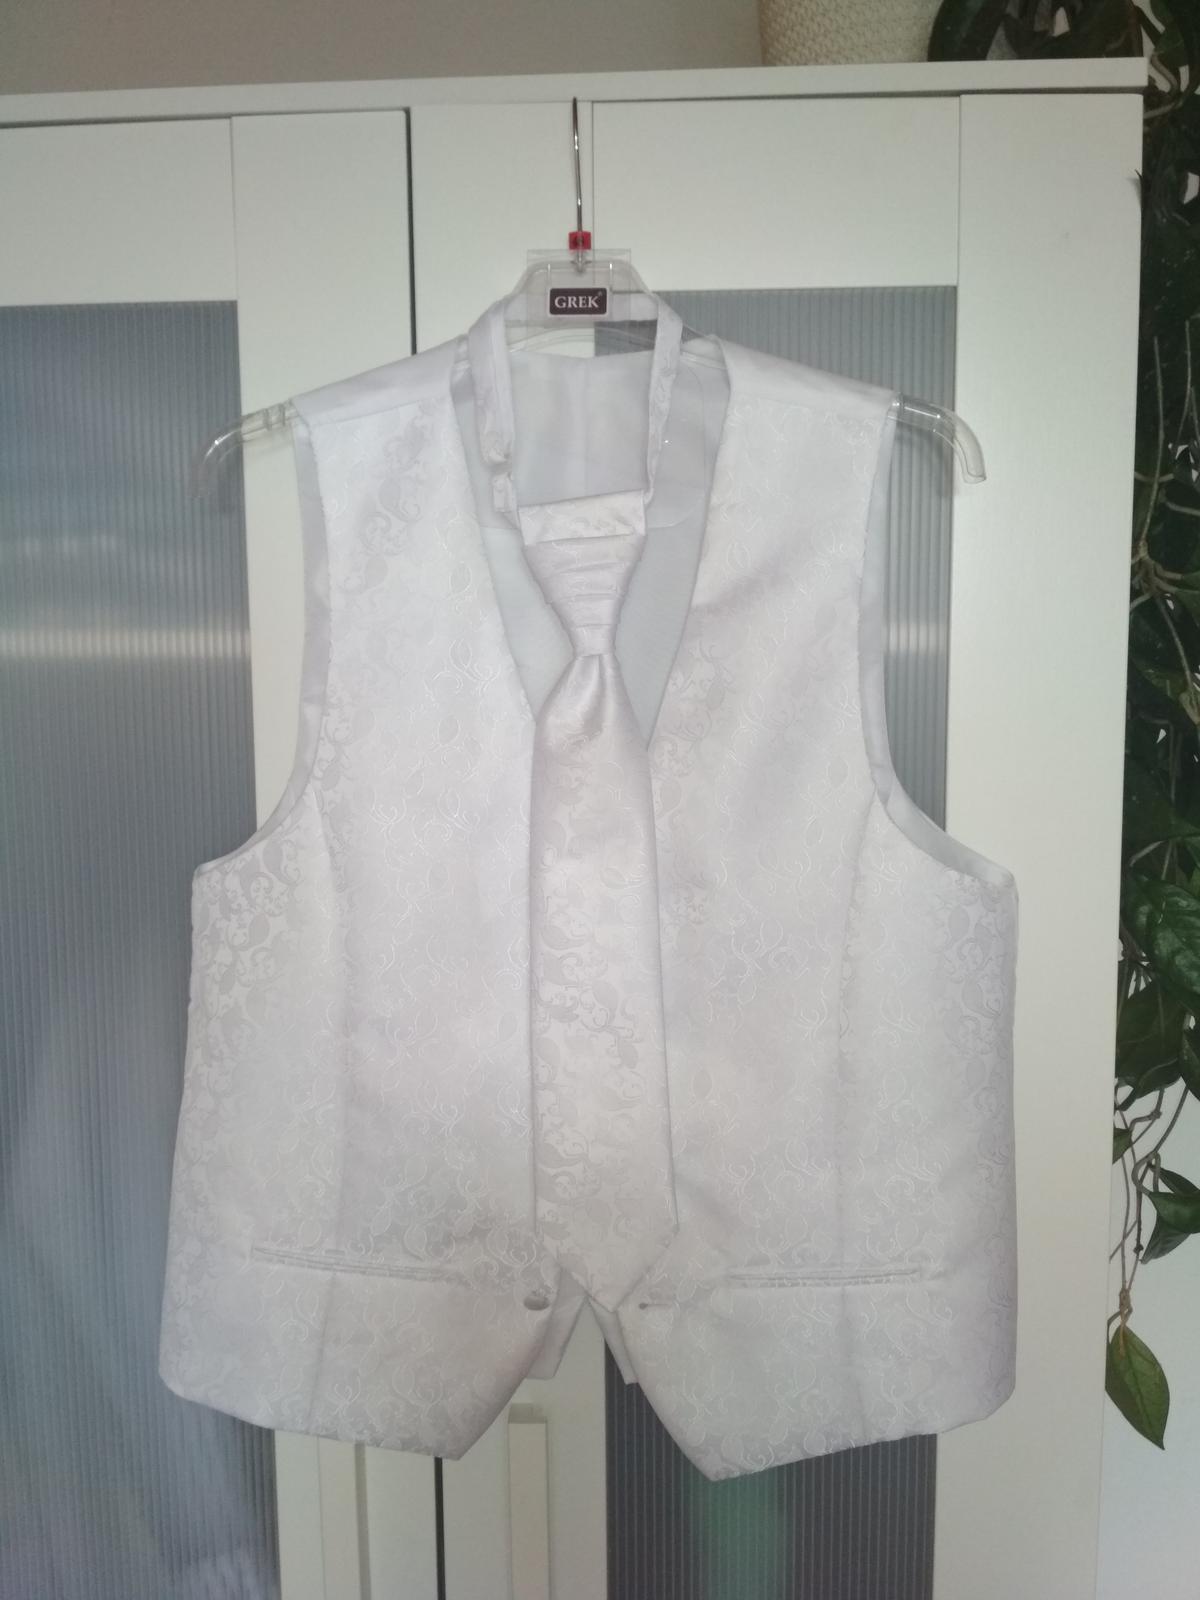 Svadobná vestička s kravatou - Obrázok č. 1